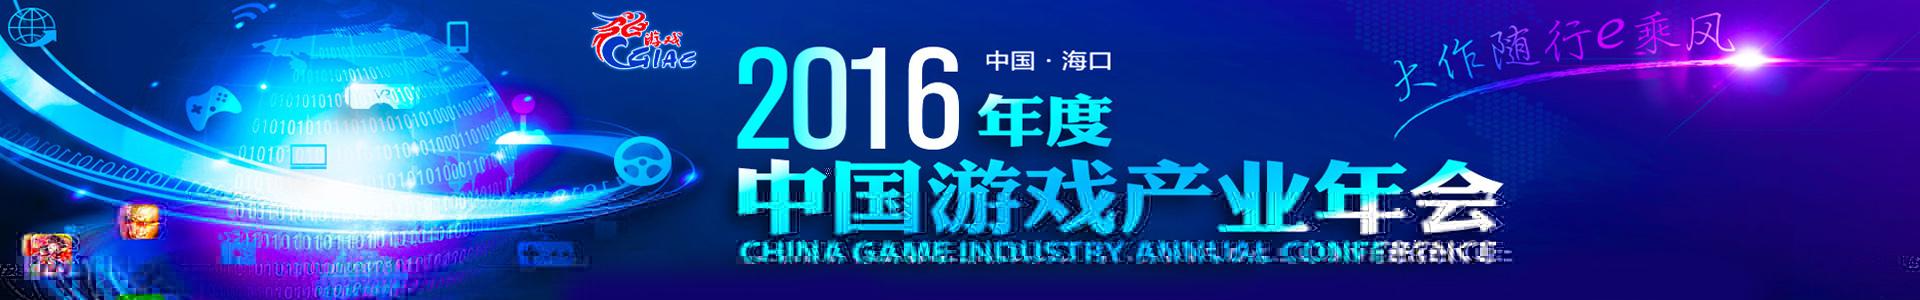 见证2016年度中国游戏产业年会盛况--着迷网直播